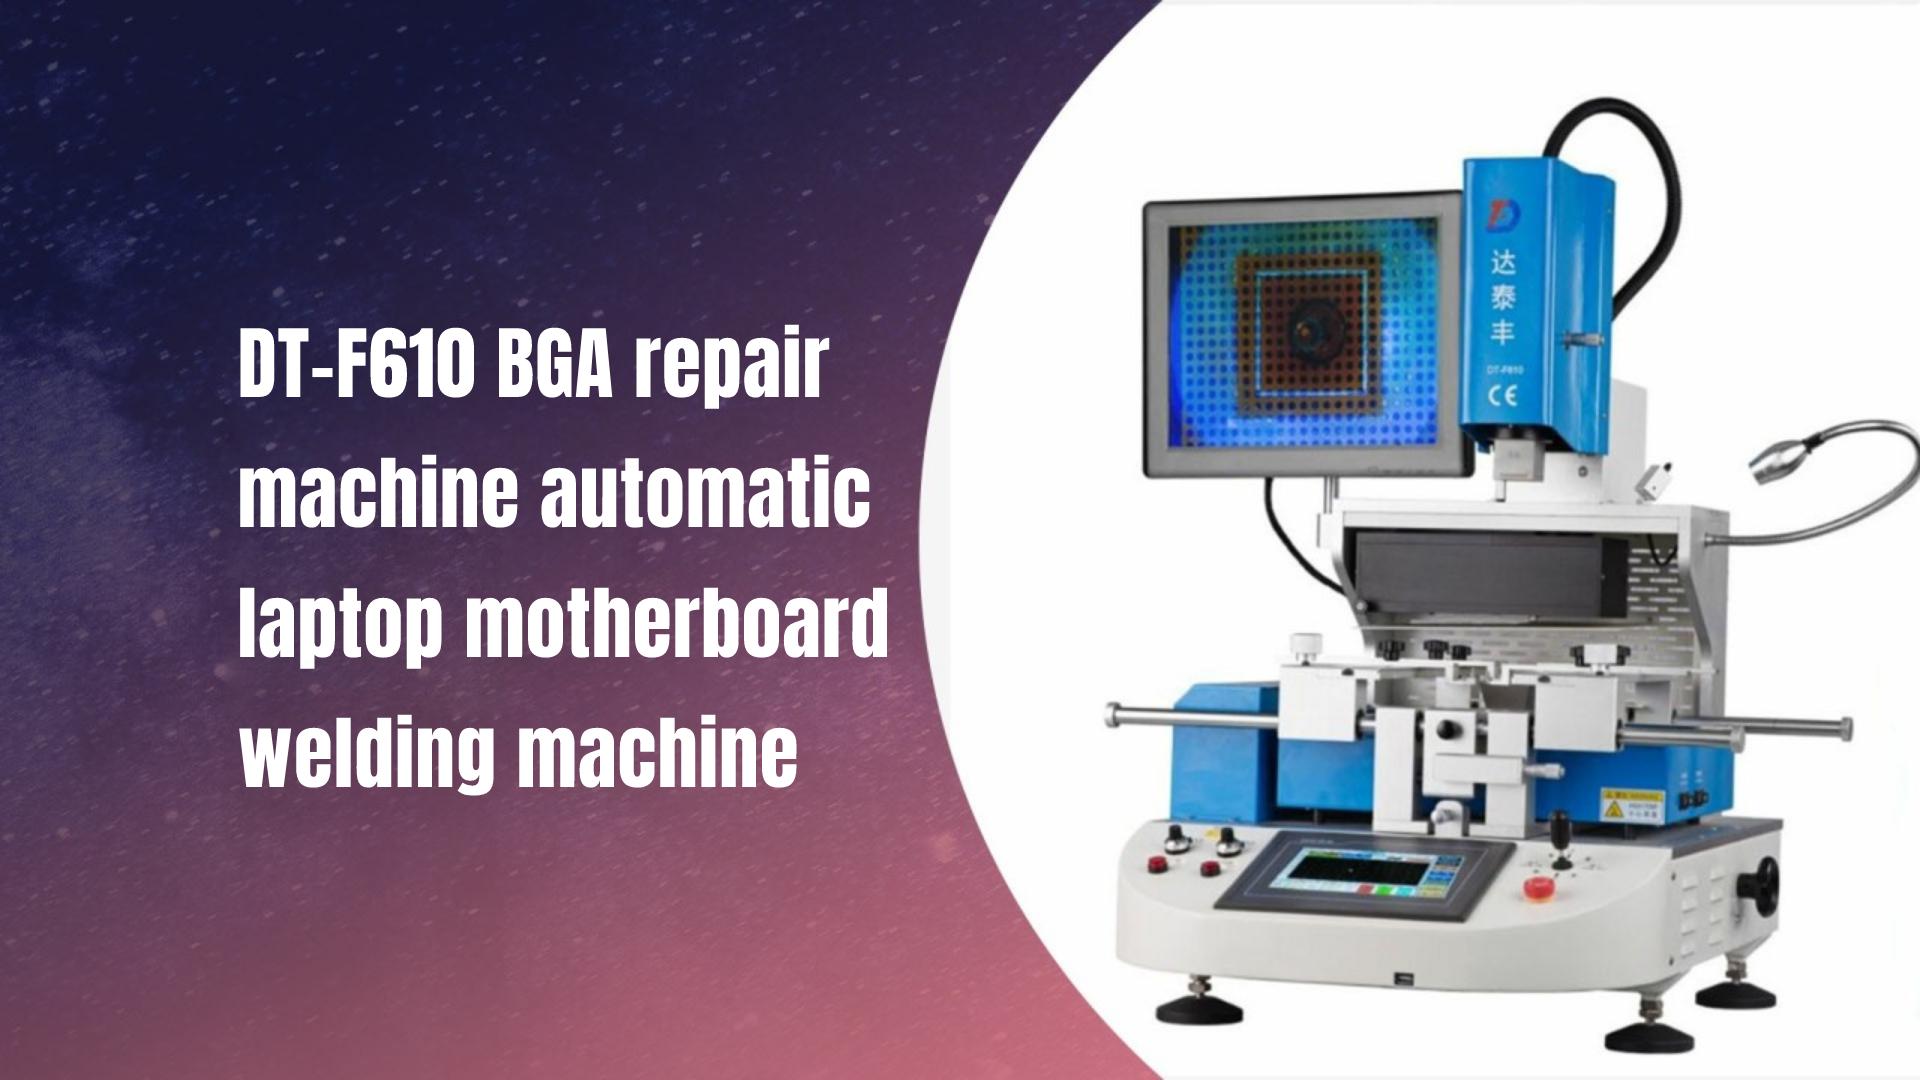 เครื่องซ่อม DT-F610 BGA แล็ปท็อปอัตโนมัติเครื่องเชื่อมเมนบอร์ด